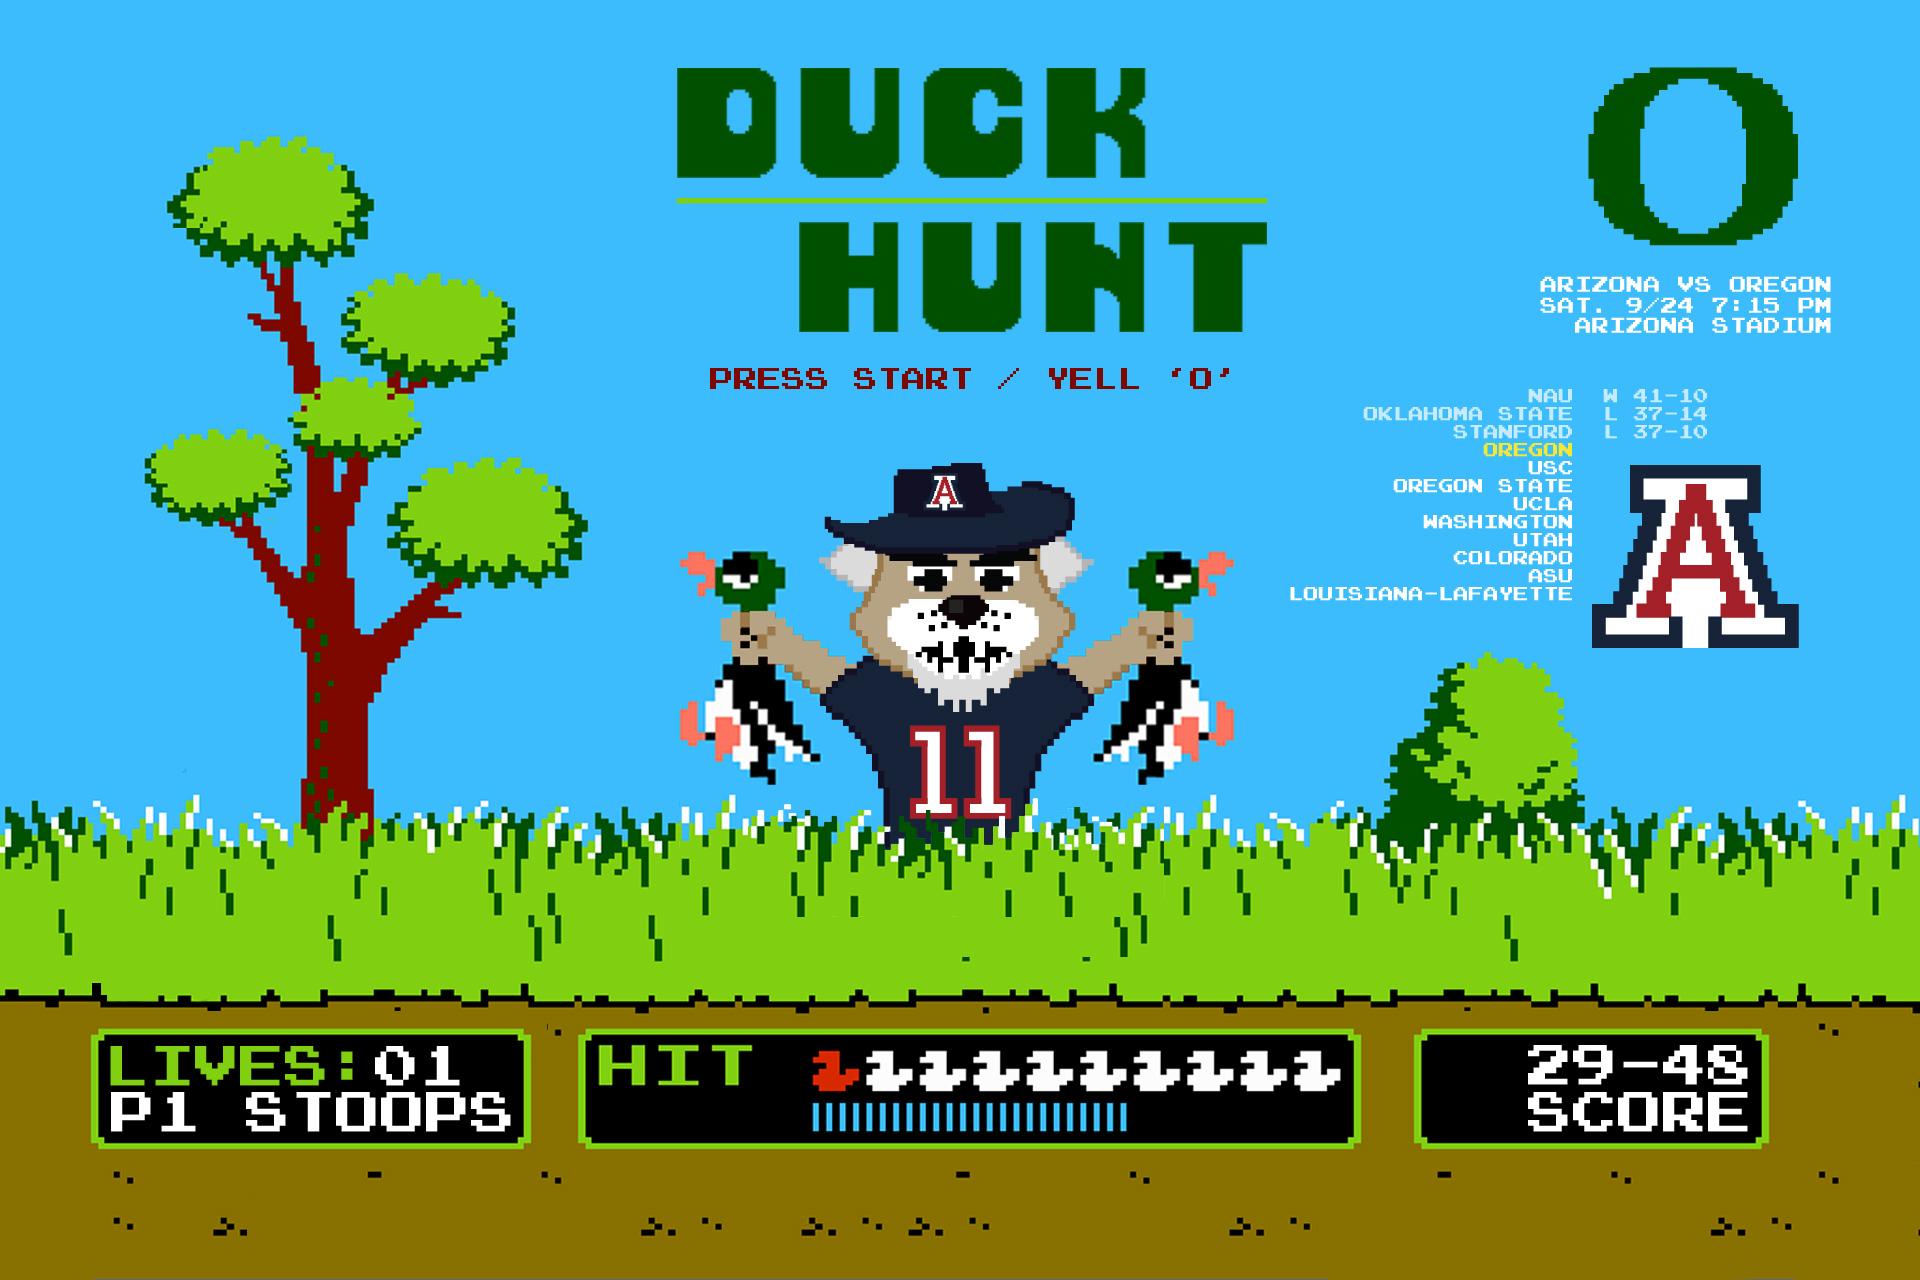 Arizona Wildcats Wallpaper Arizona wildcats go duck 1920x1280